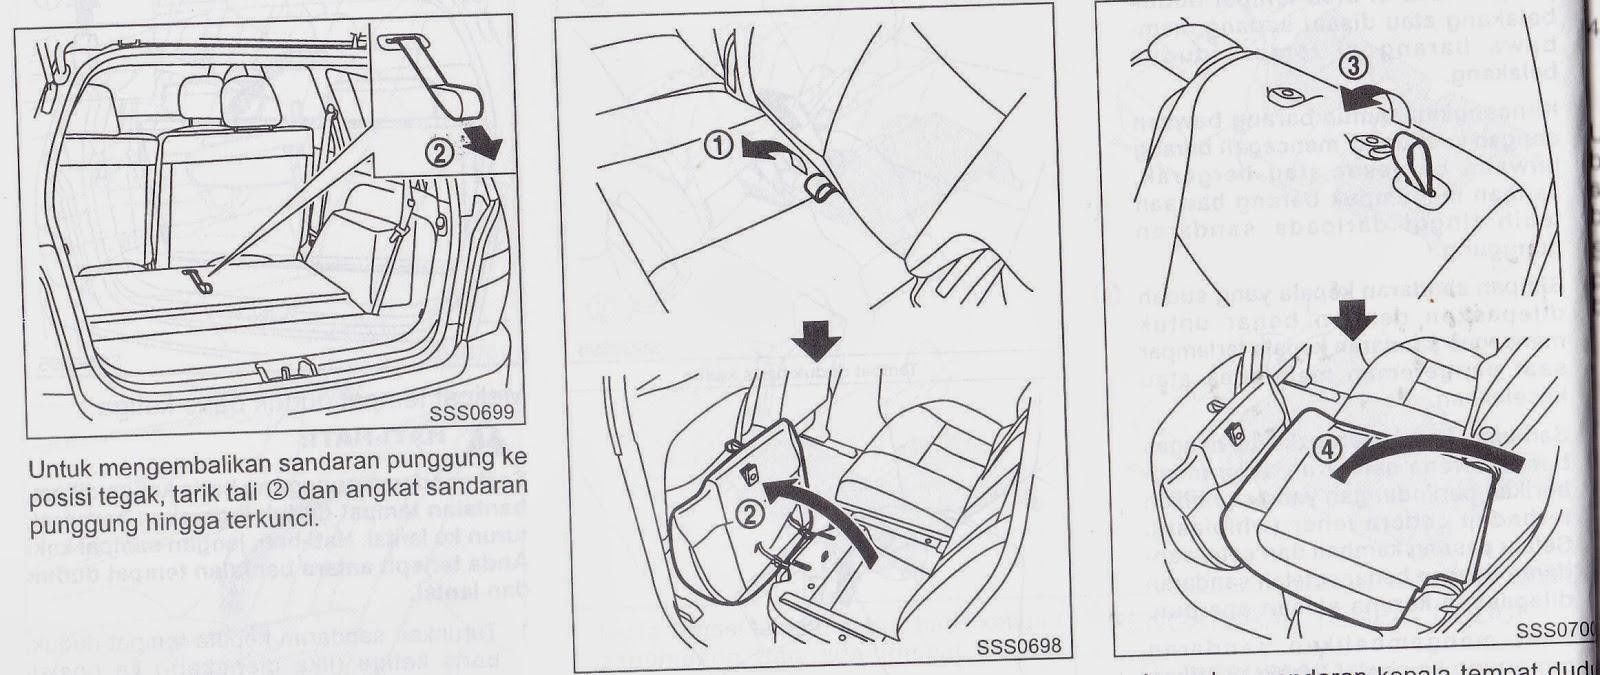 Buku Manual Grand New Veloz Gambar Toyota Panduan Nissan Livina 1 8 Xv Januari 2014 Melipat Tempat Duduk Baris Kedua 8xv